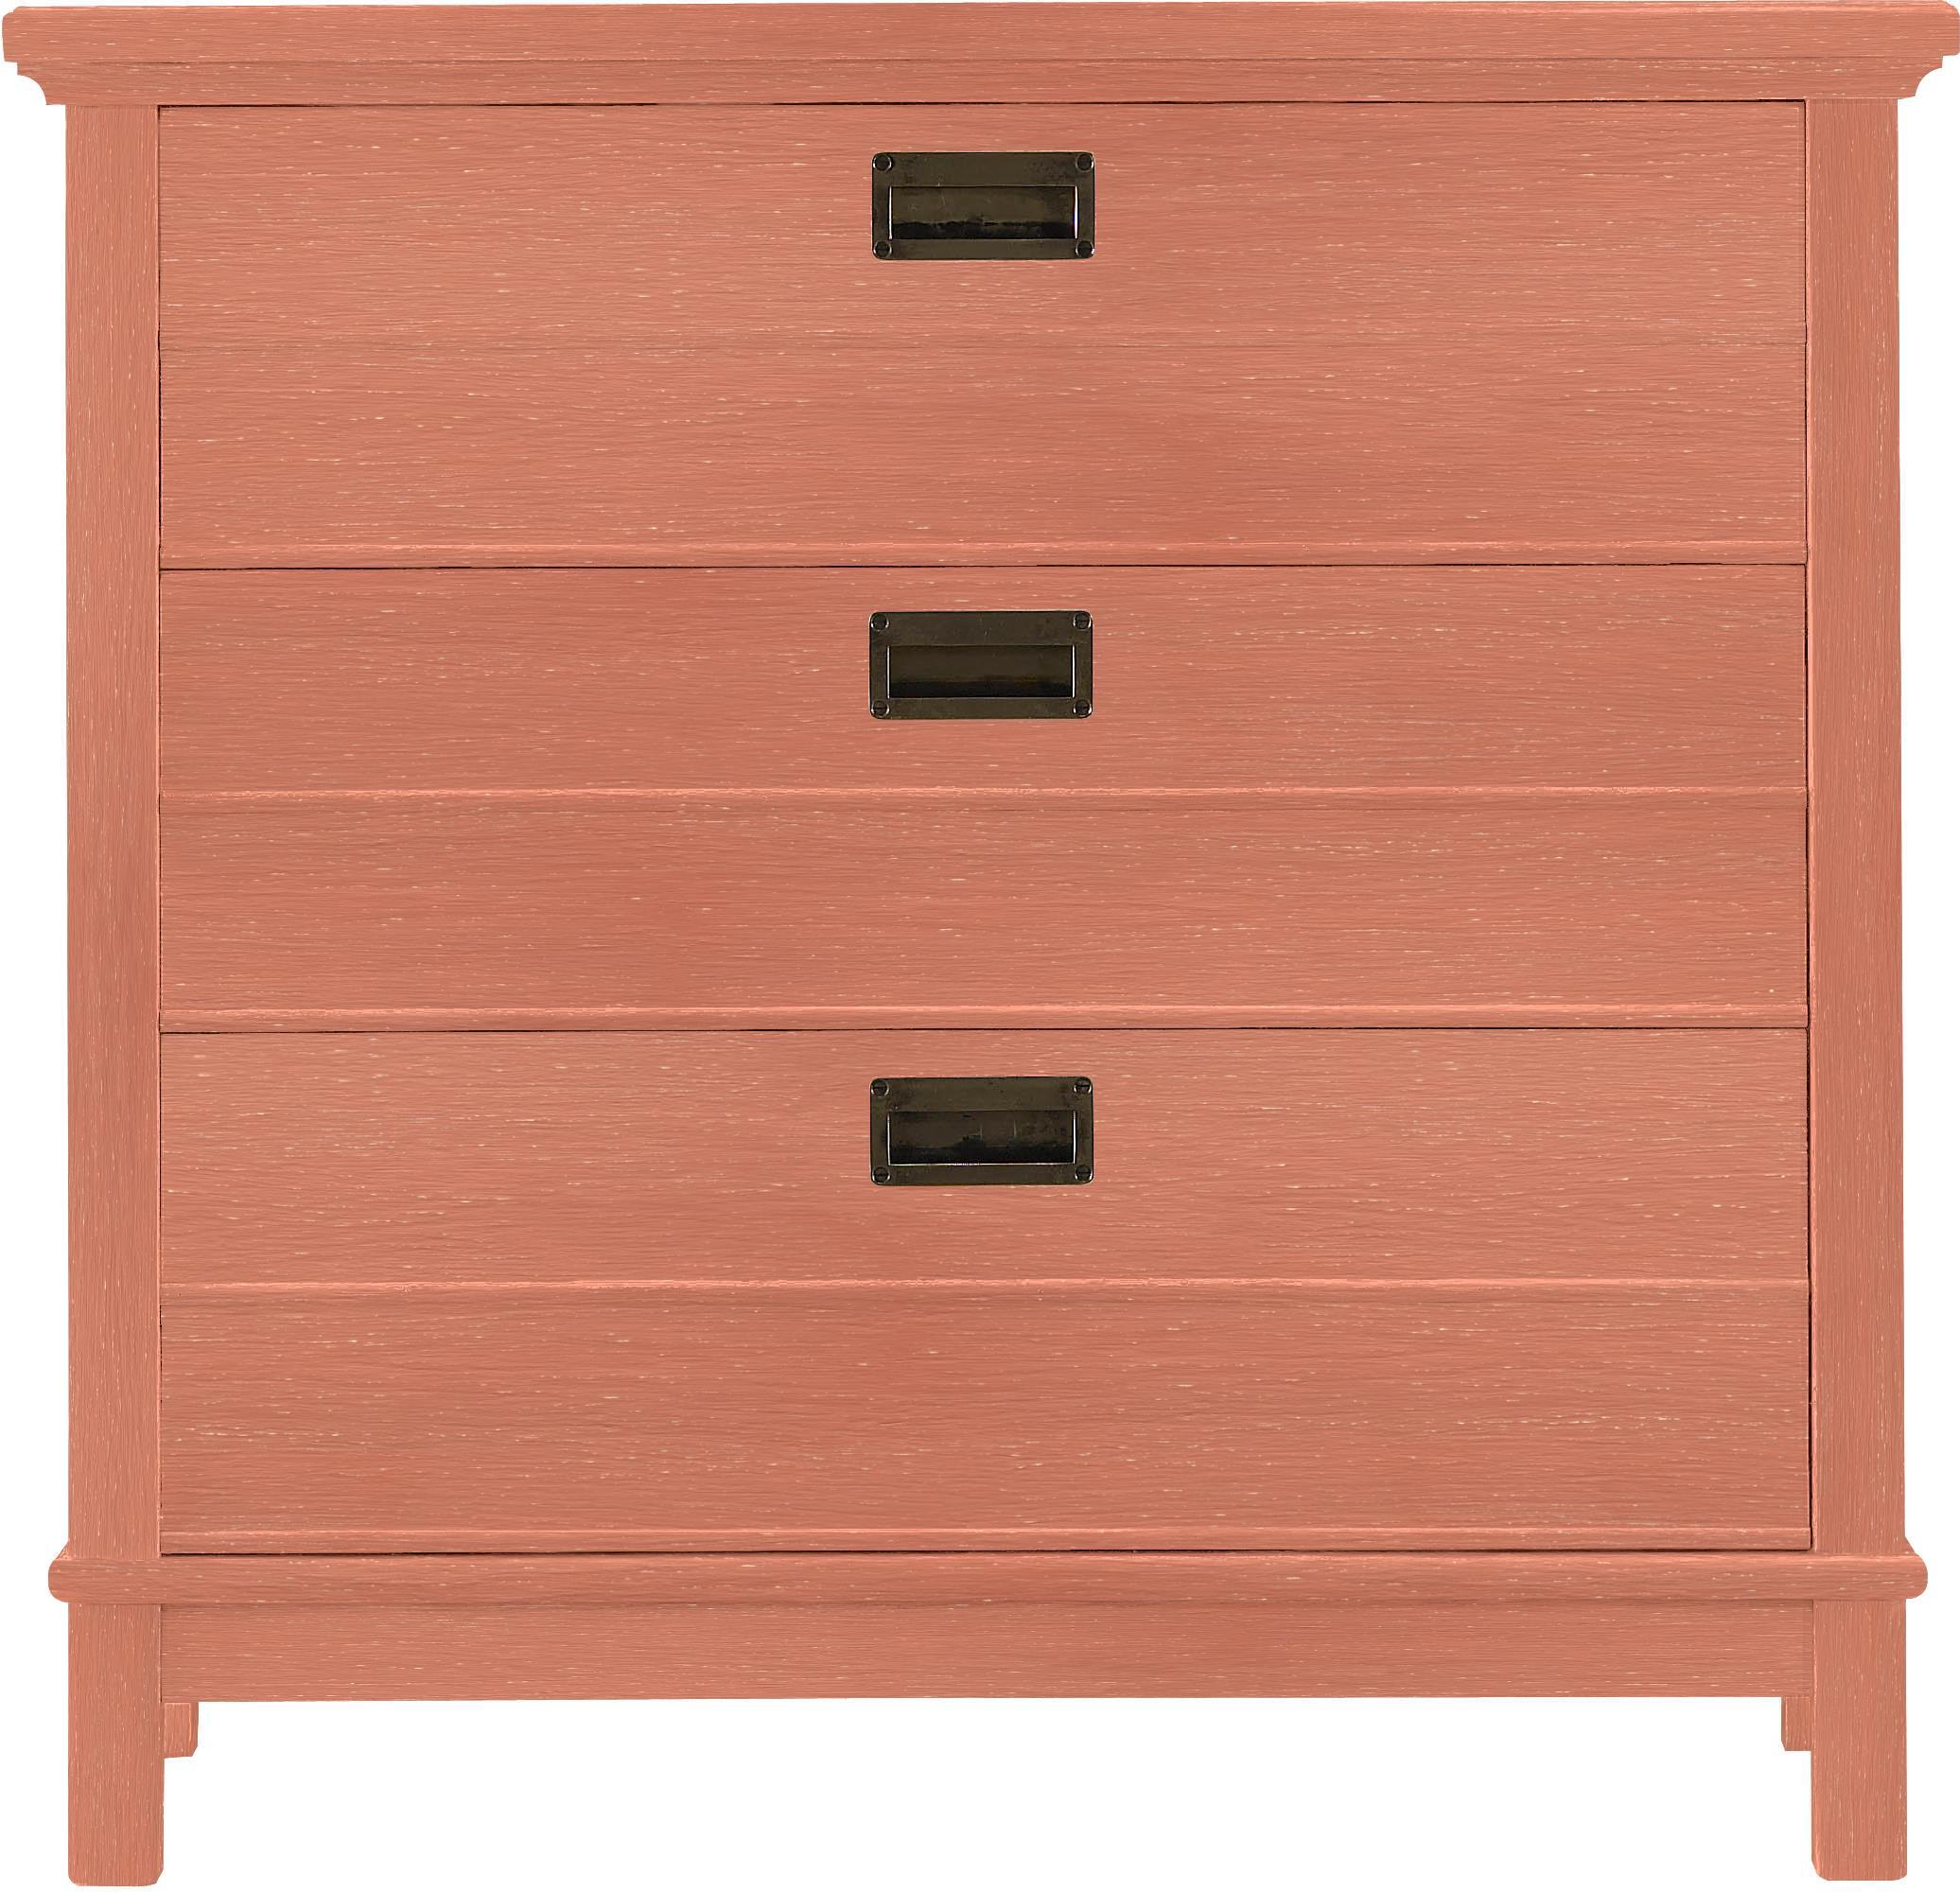 Stanley Furniture Coastal Living Resort Cape Comber Bachelor's Chest - Item Number: 062-G3-16